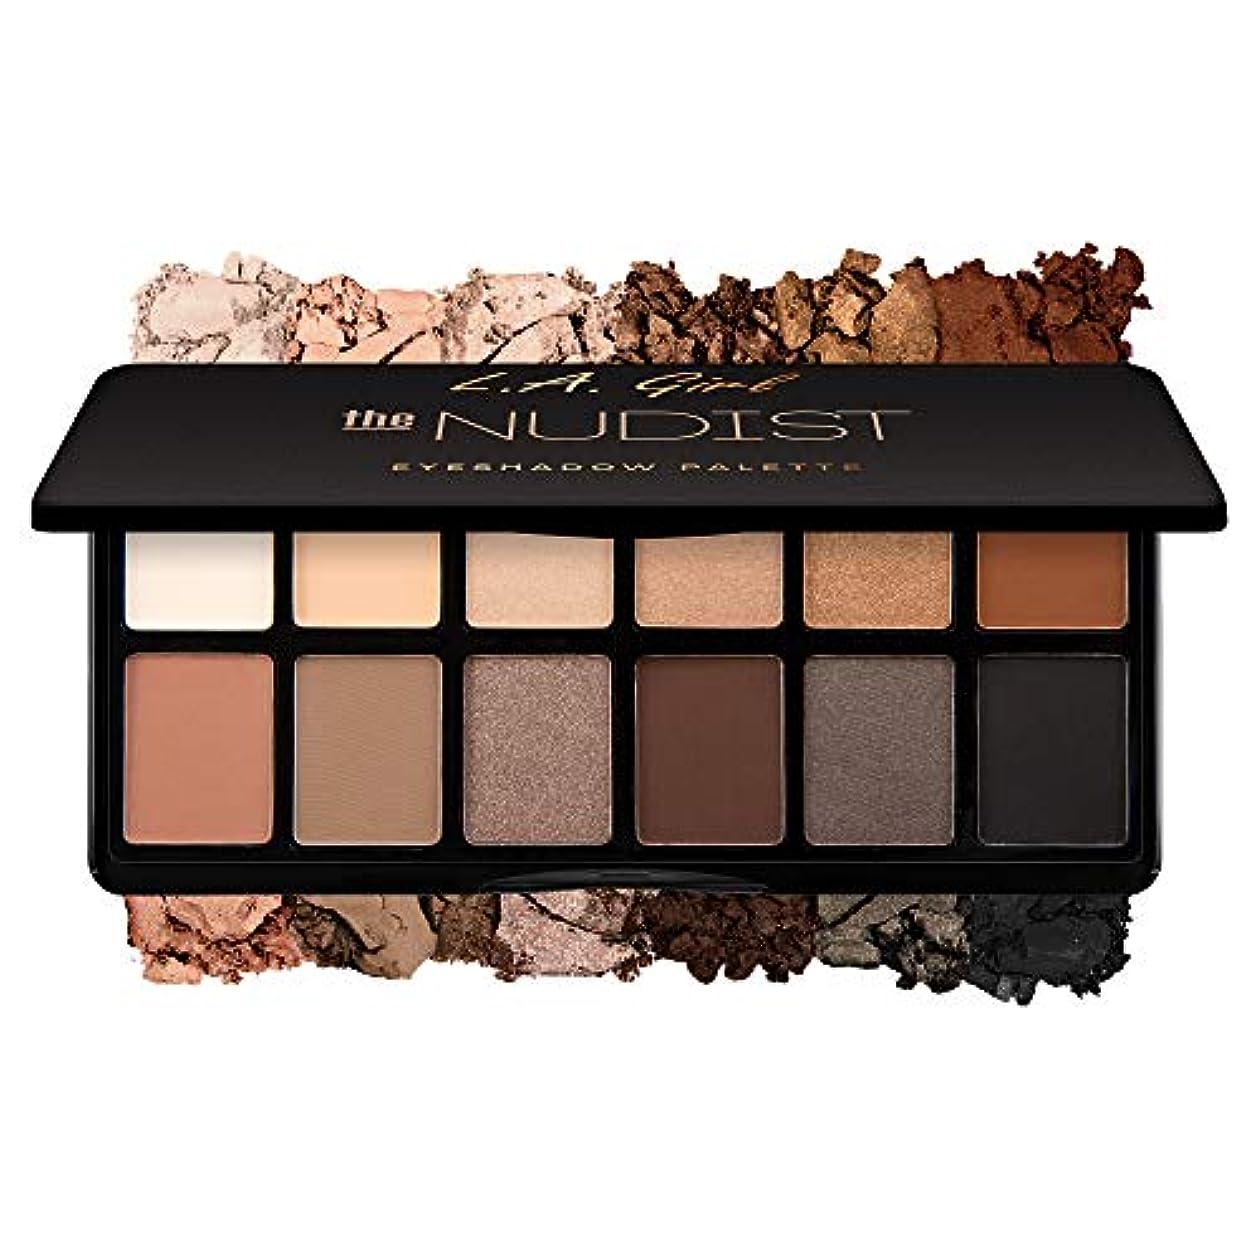 移住する反抗前者L.A. GIRL Fanatic Eyeshadow Palette - The Nudist (並行輸入品)